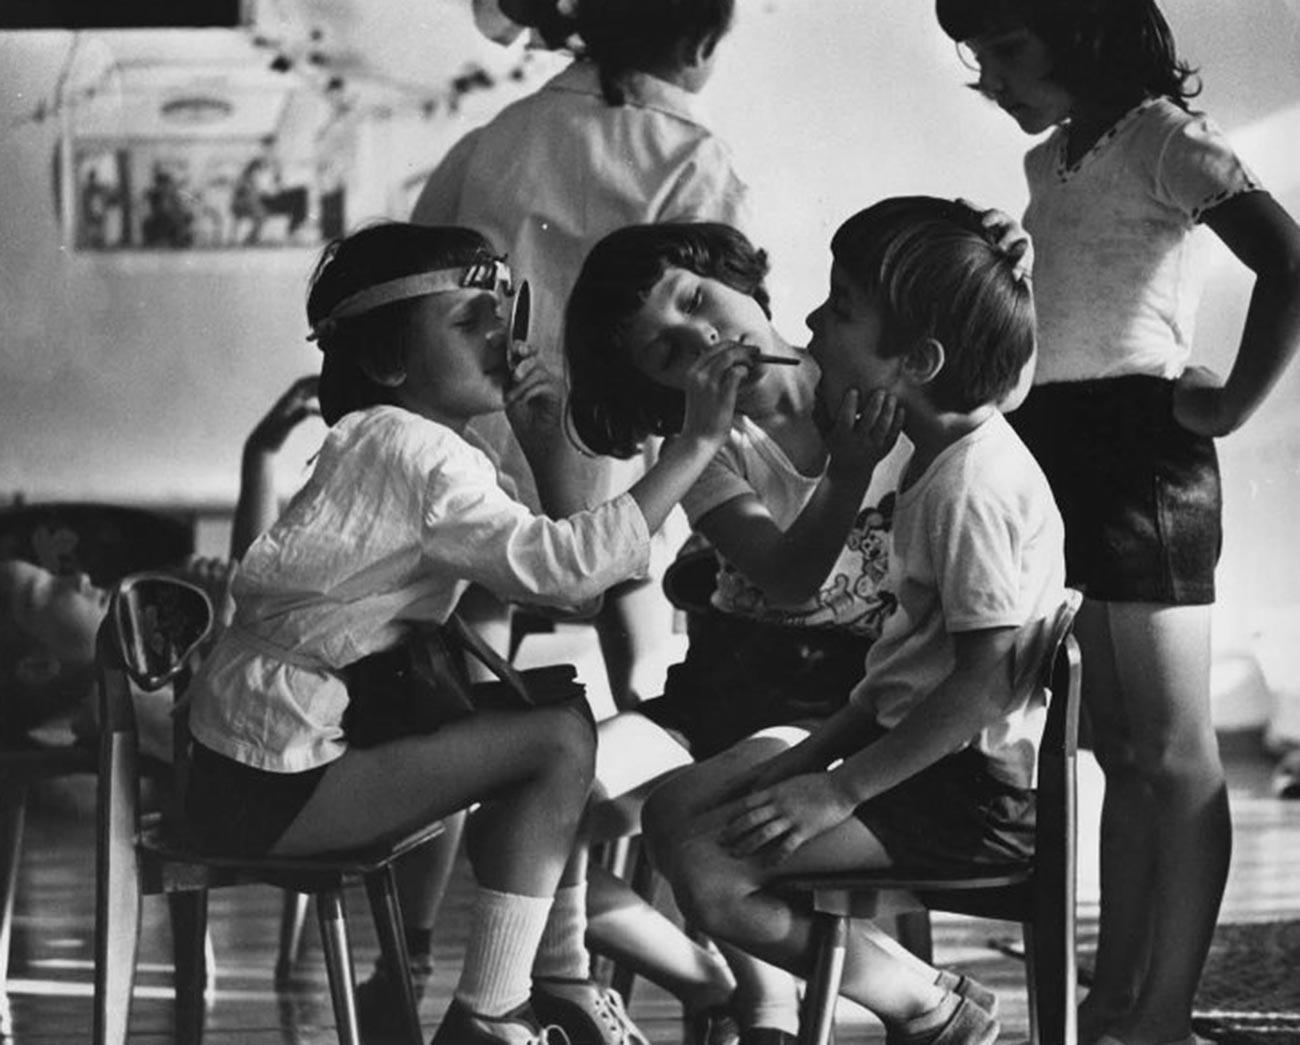 Igranje zobozdravnikov v vrtcu, 1985